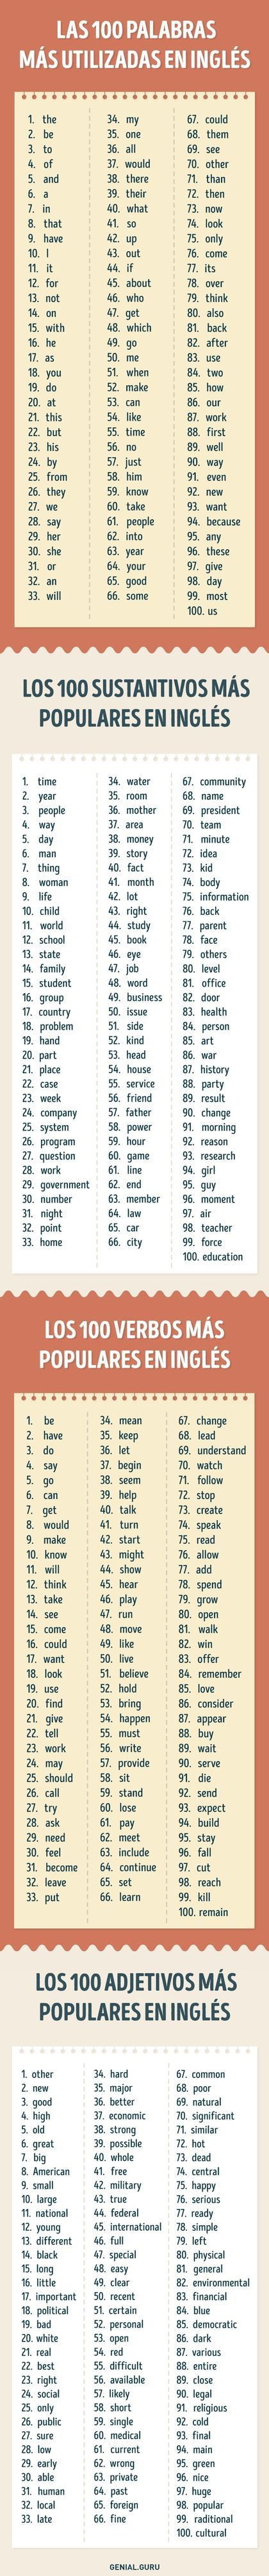 Según descubrieron los investigadores delaUniversidad deOxford, las 100 palabras más usadas eninglés cubren el50% decualquier texto eneste idioma (menos especializado ocientífico). Ysiles agregas los 100sustantivos, 100 verbos...